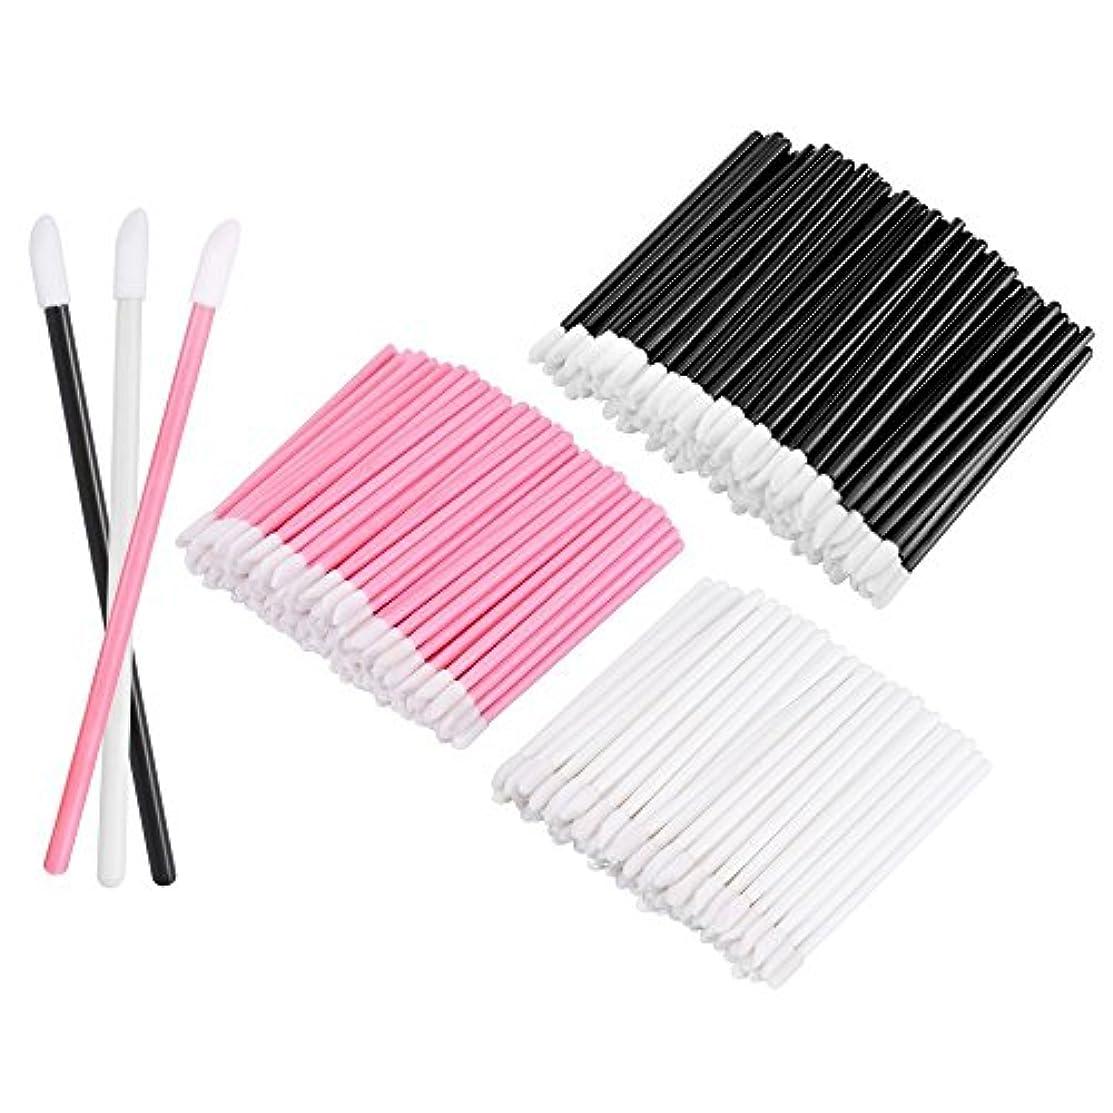 マルコポーロ置き場局KEDSUM リップブラシ 使い捨て 300本入り メイクブラシ 化粧用品 化粧筆 化粧ブラシ 携帯用 便利 (3色)